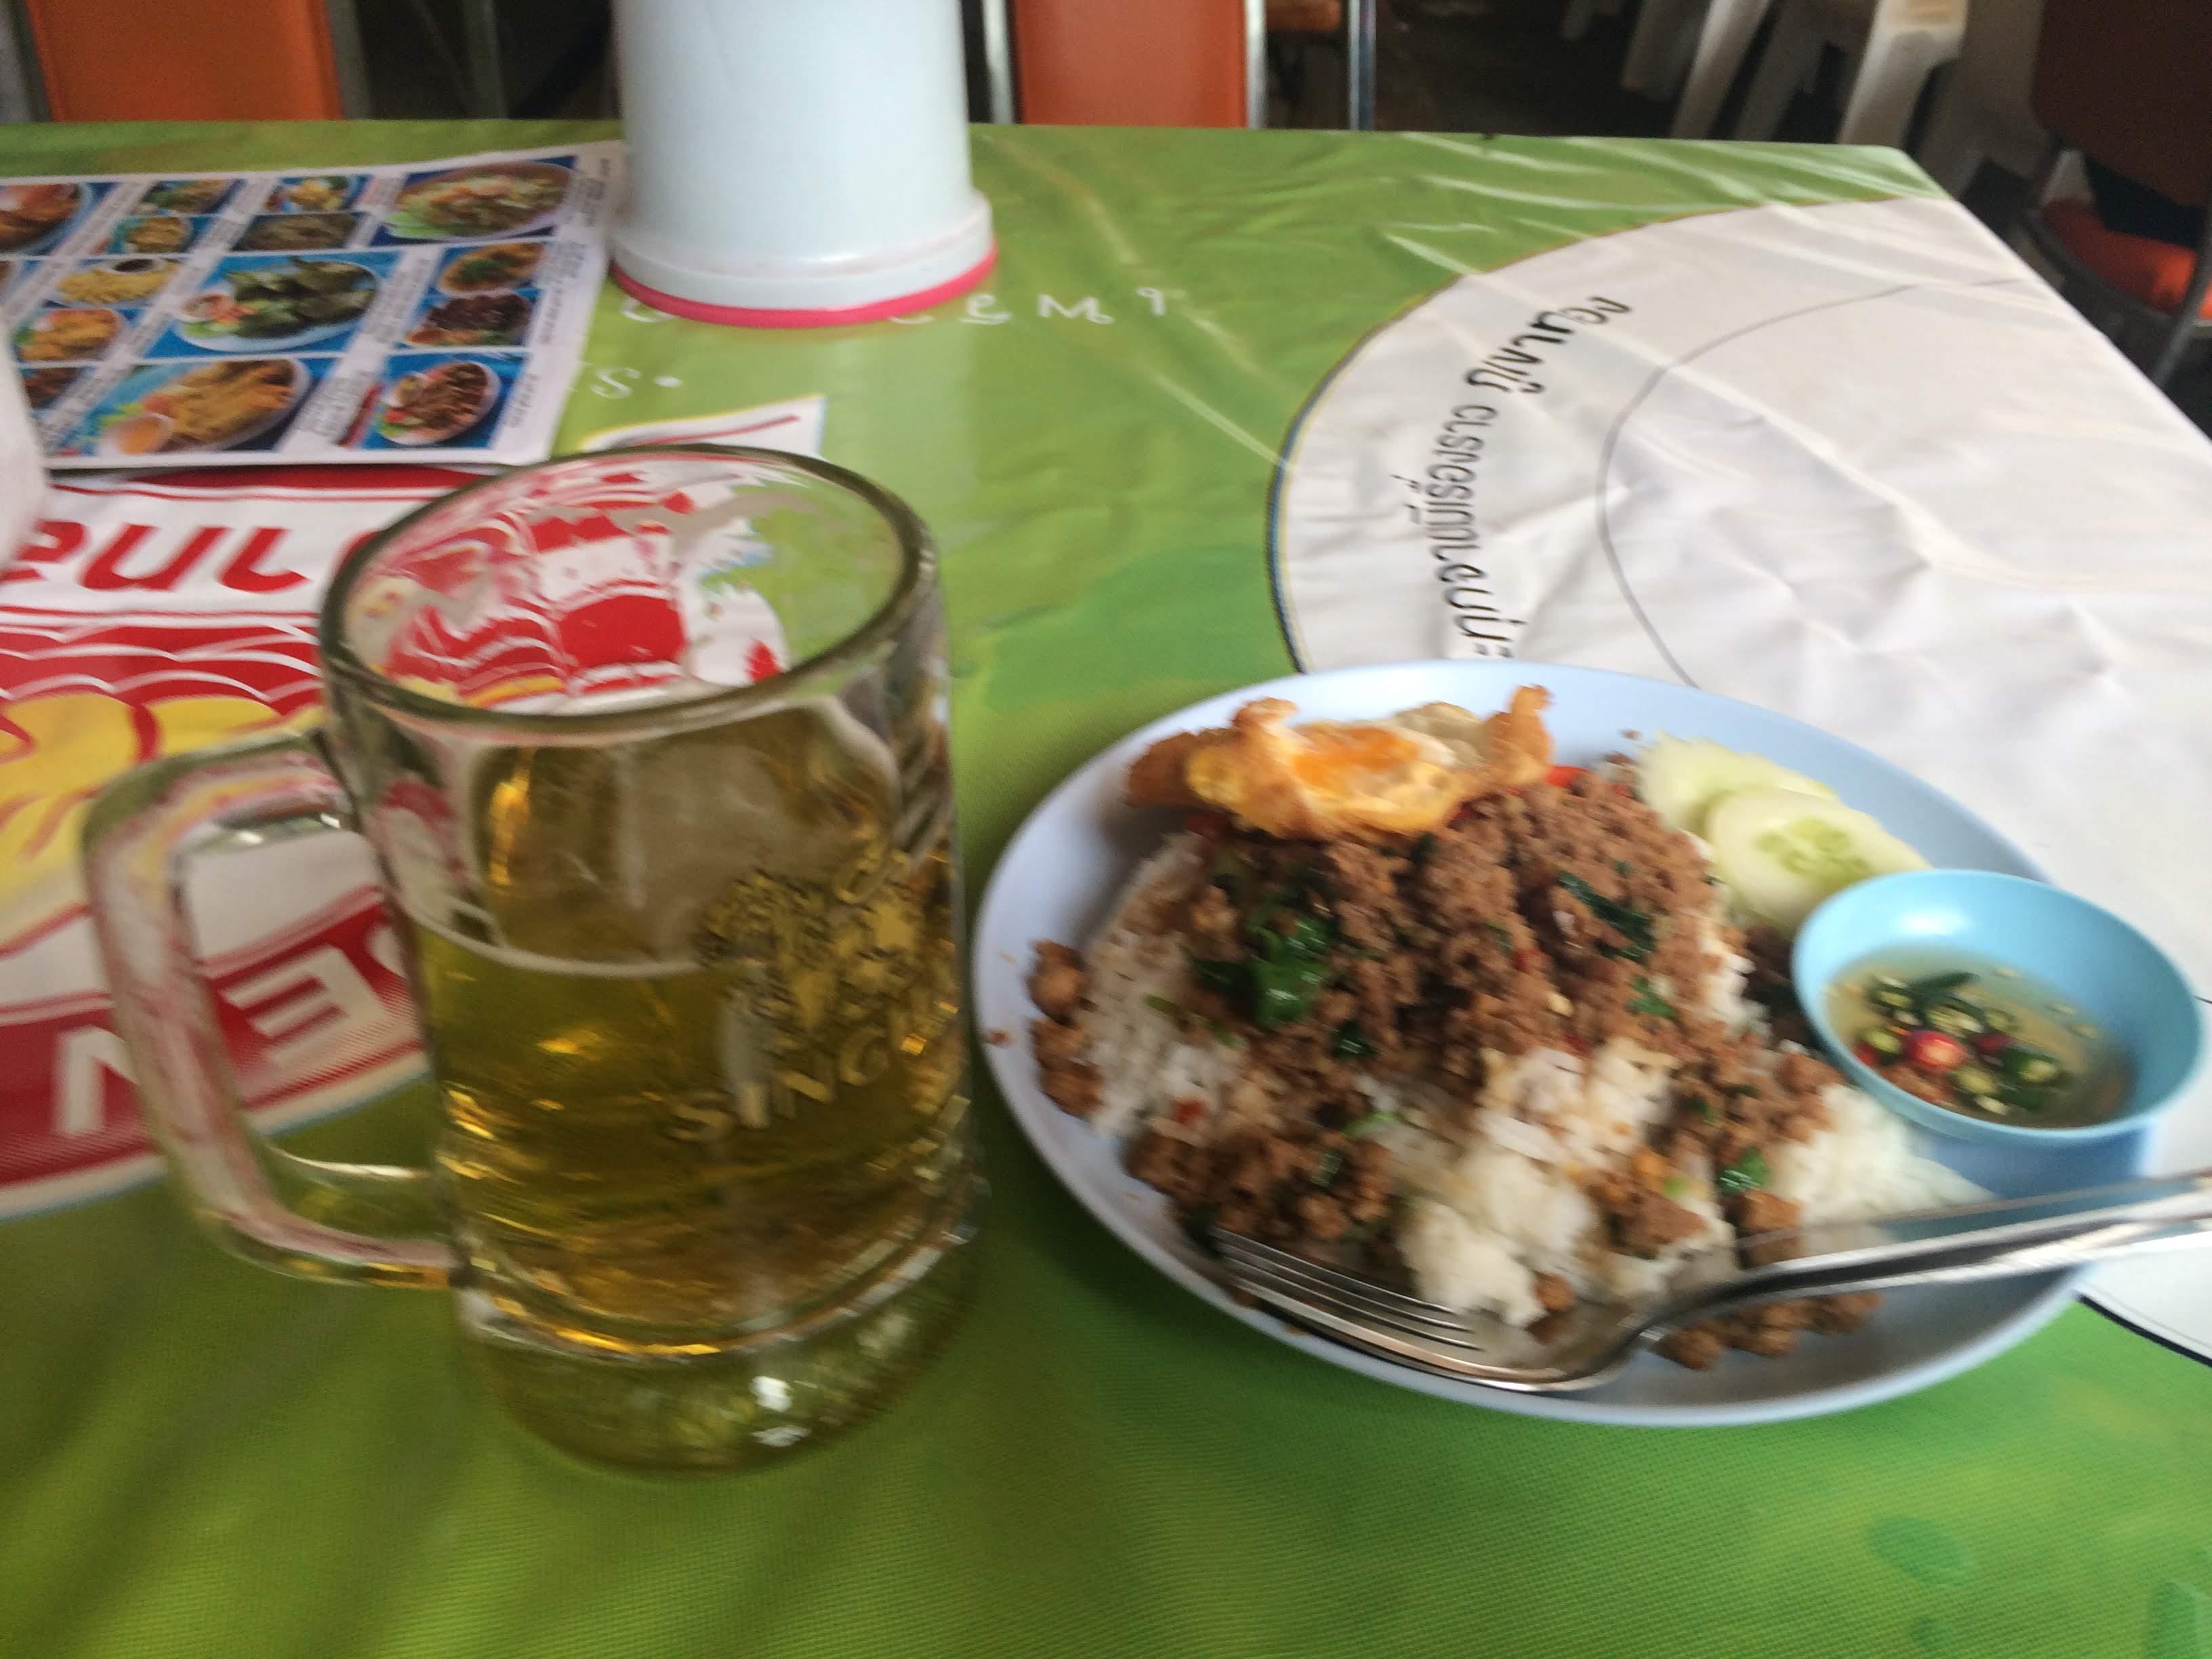 2018年初夏に訪れたバンコクでスダーレストラン(Suda restaurant)に行ってみた件